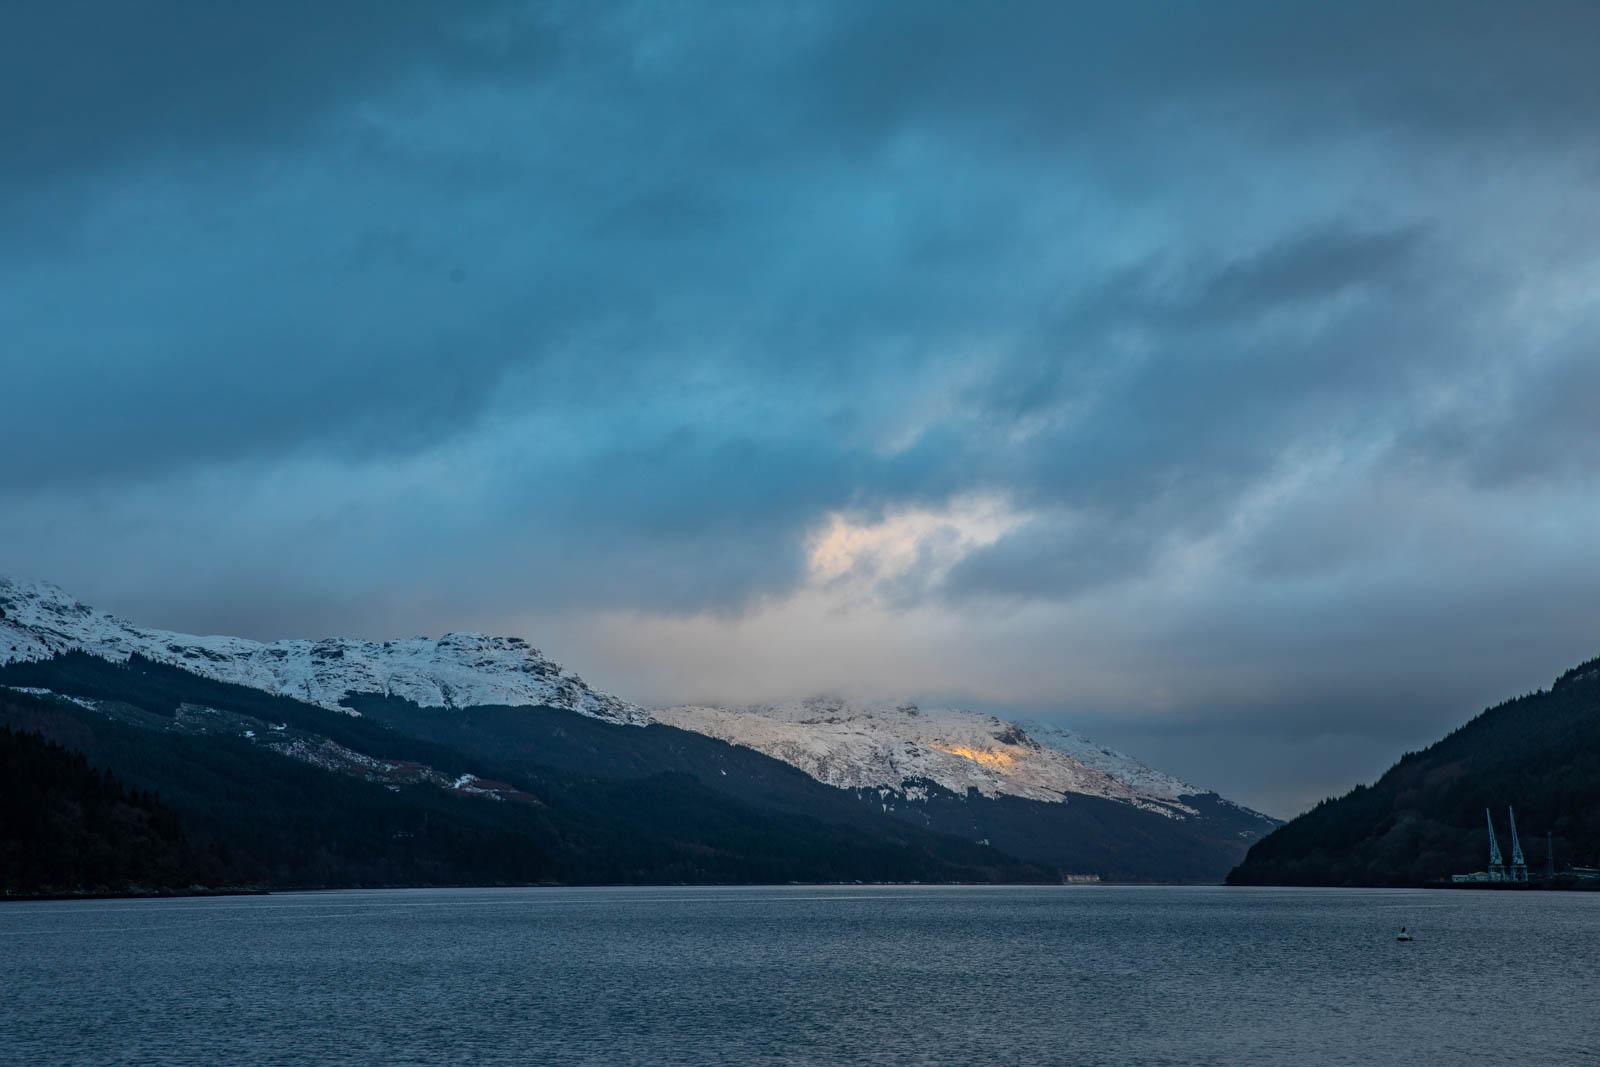 Wolkenstimmung über Loch Long, Schottland im Schnee, Winter